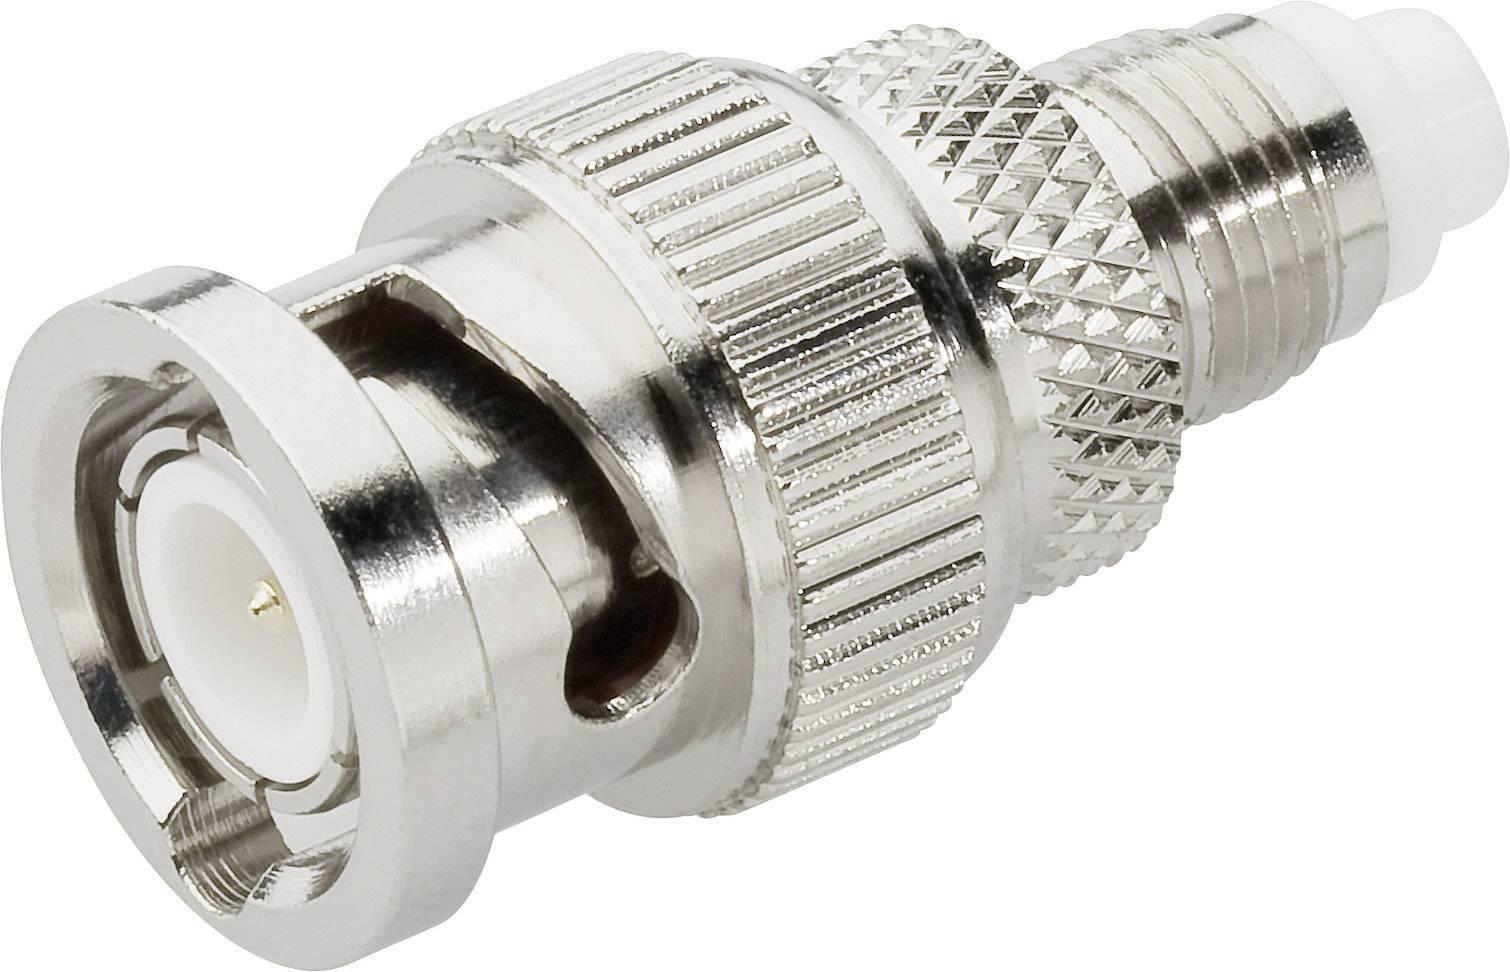 FME adaptér FME zásuvka - BNC zástrčka BKL Electronic 0412042 1 ks